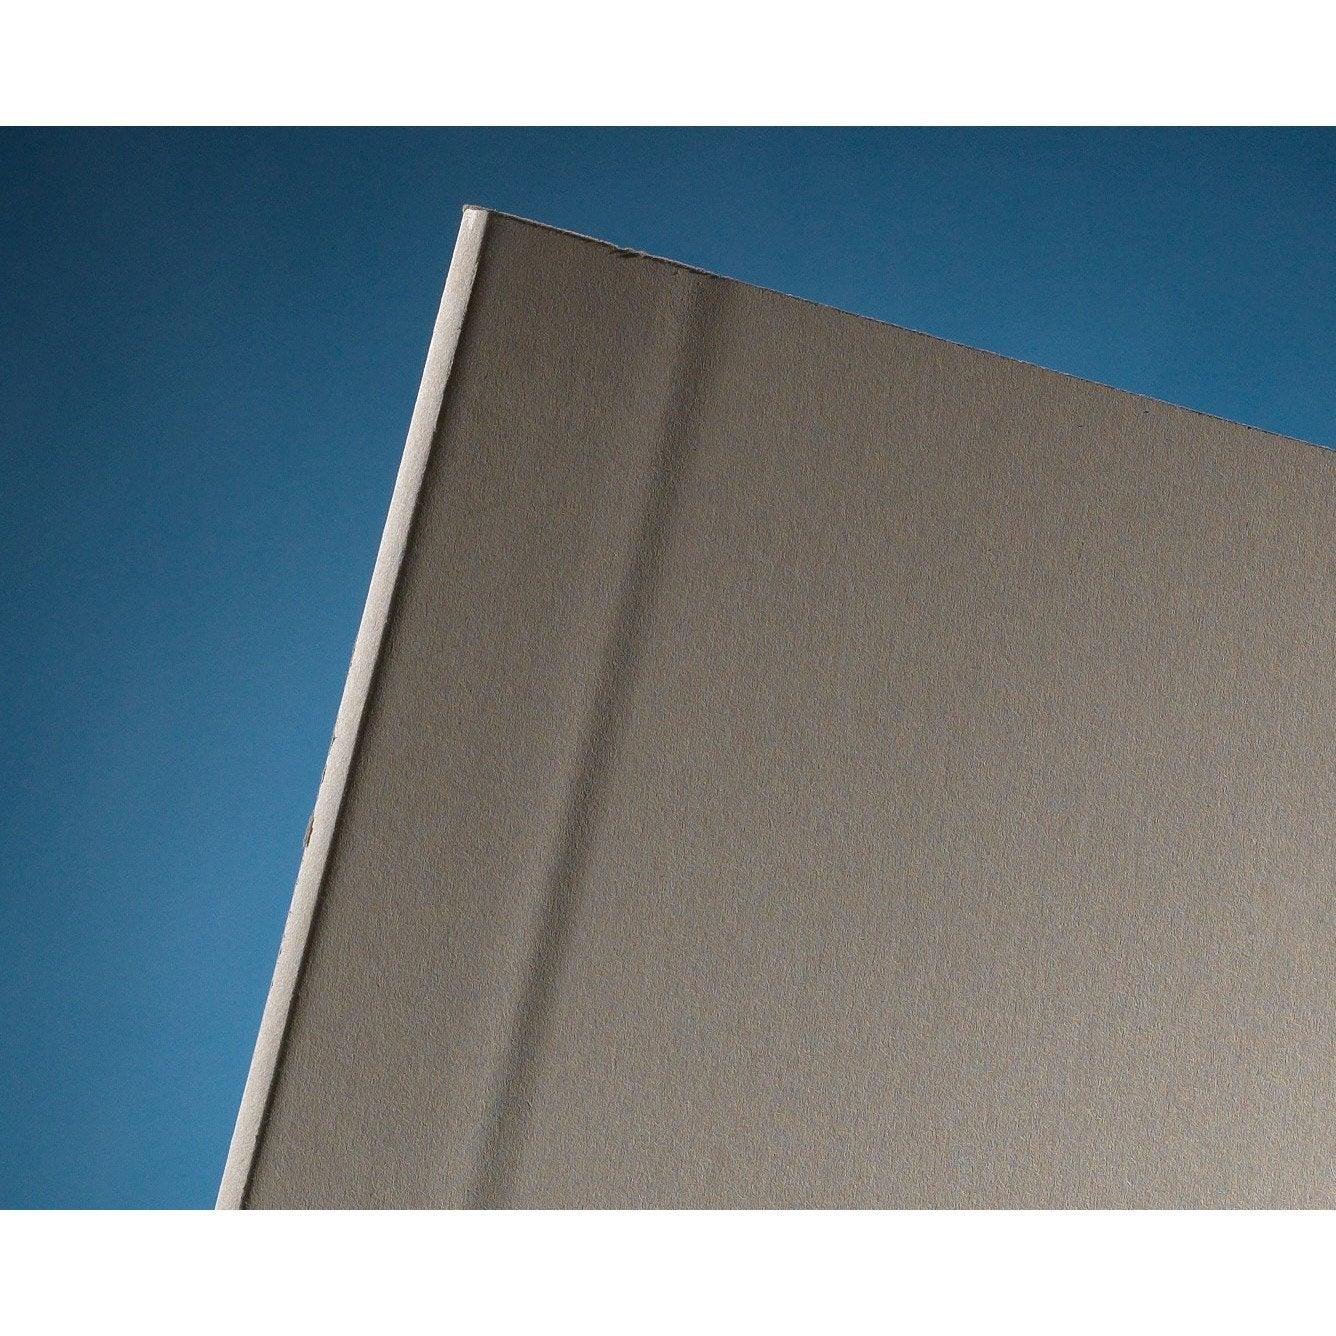 plaque de pl tre norgips nf ba13 nf 2500x1200 leroy merlin. Black Bedroom Furniture Sets. Home Design Ideas